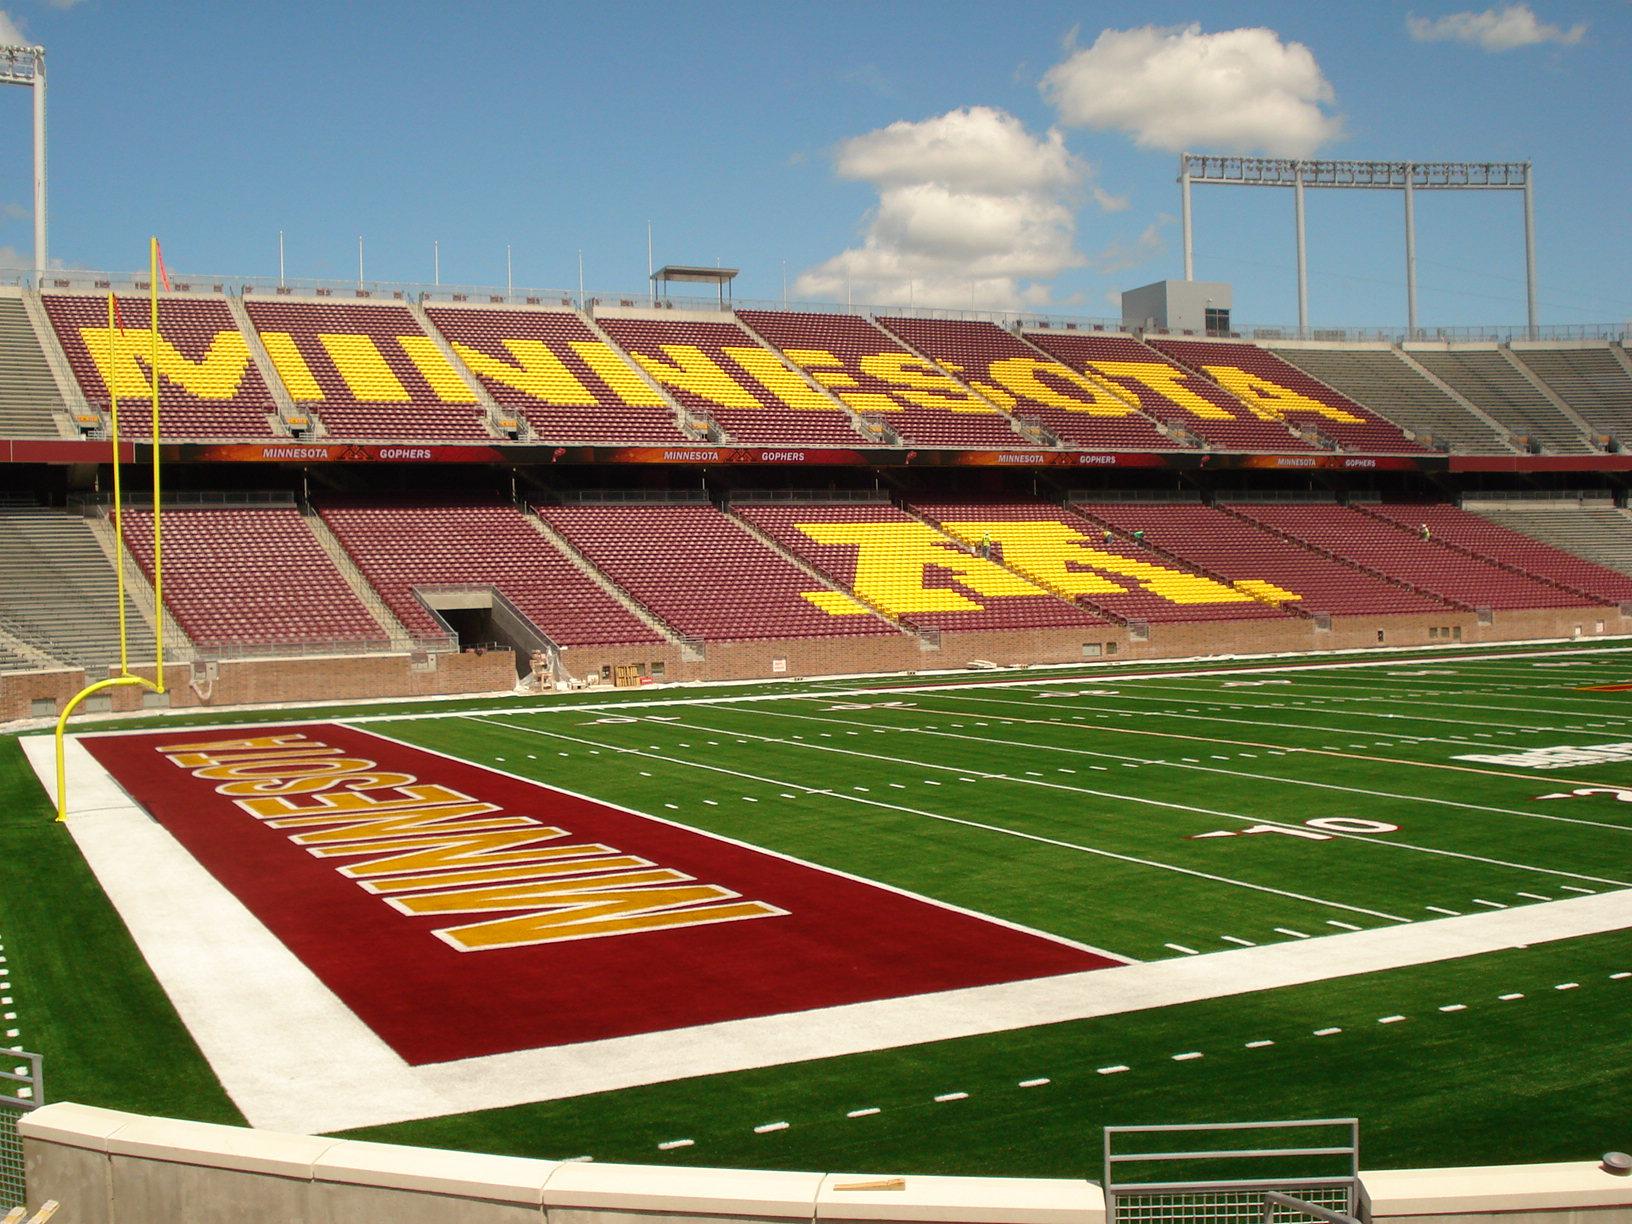 U of M TCF Stadium